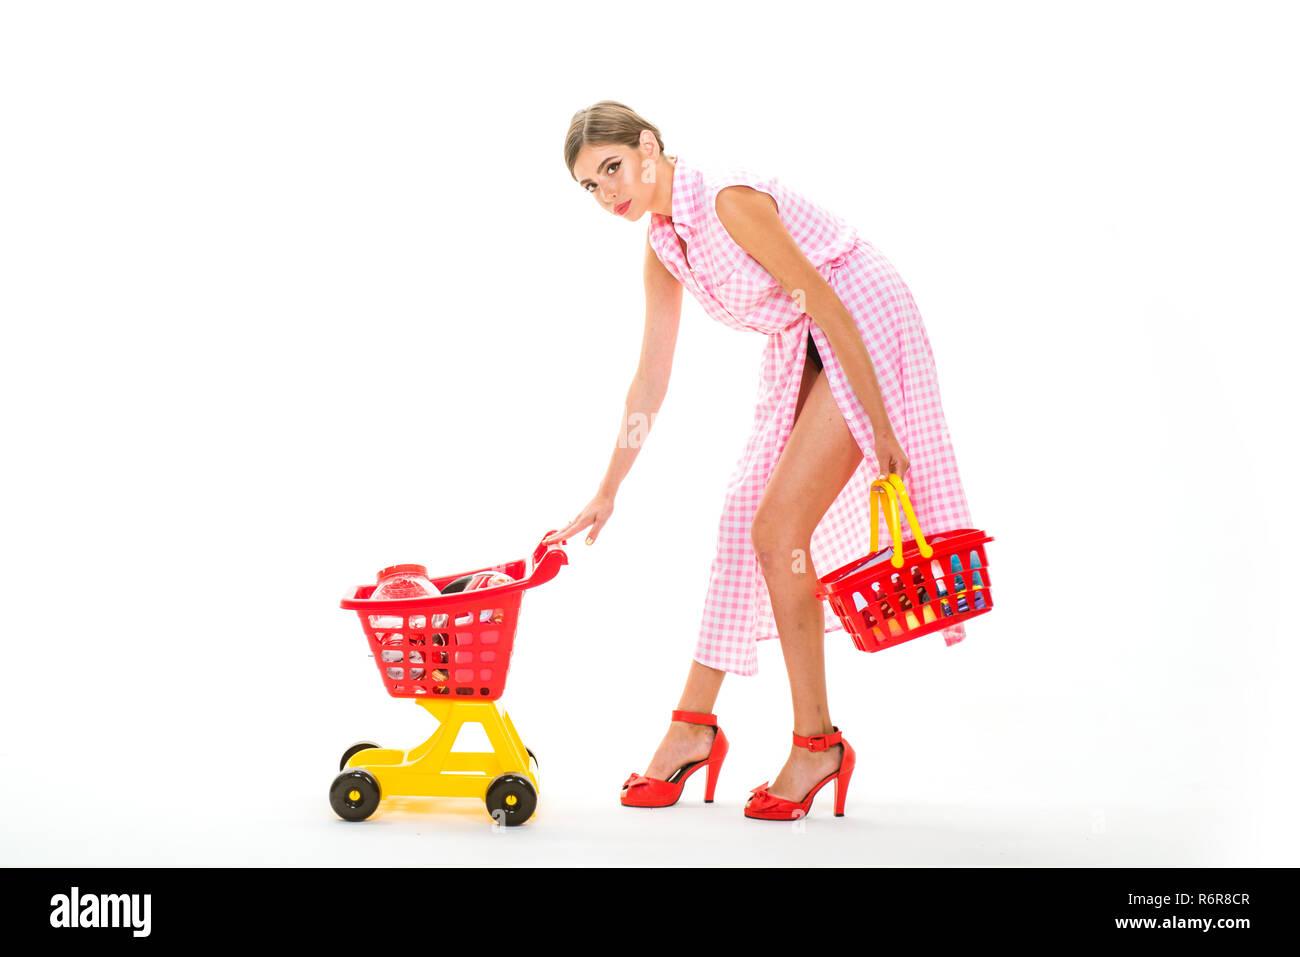 Shopping ist ihre Leidenschaft. Verbringen eine tolle Zeit